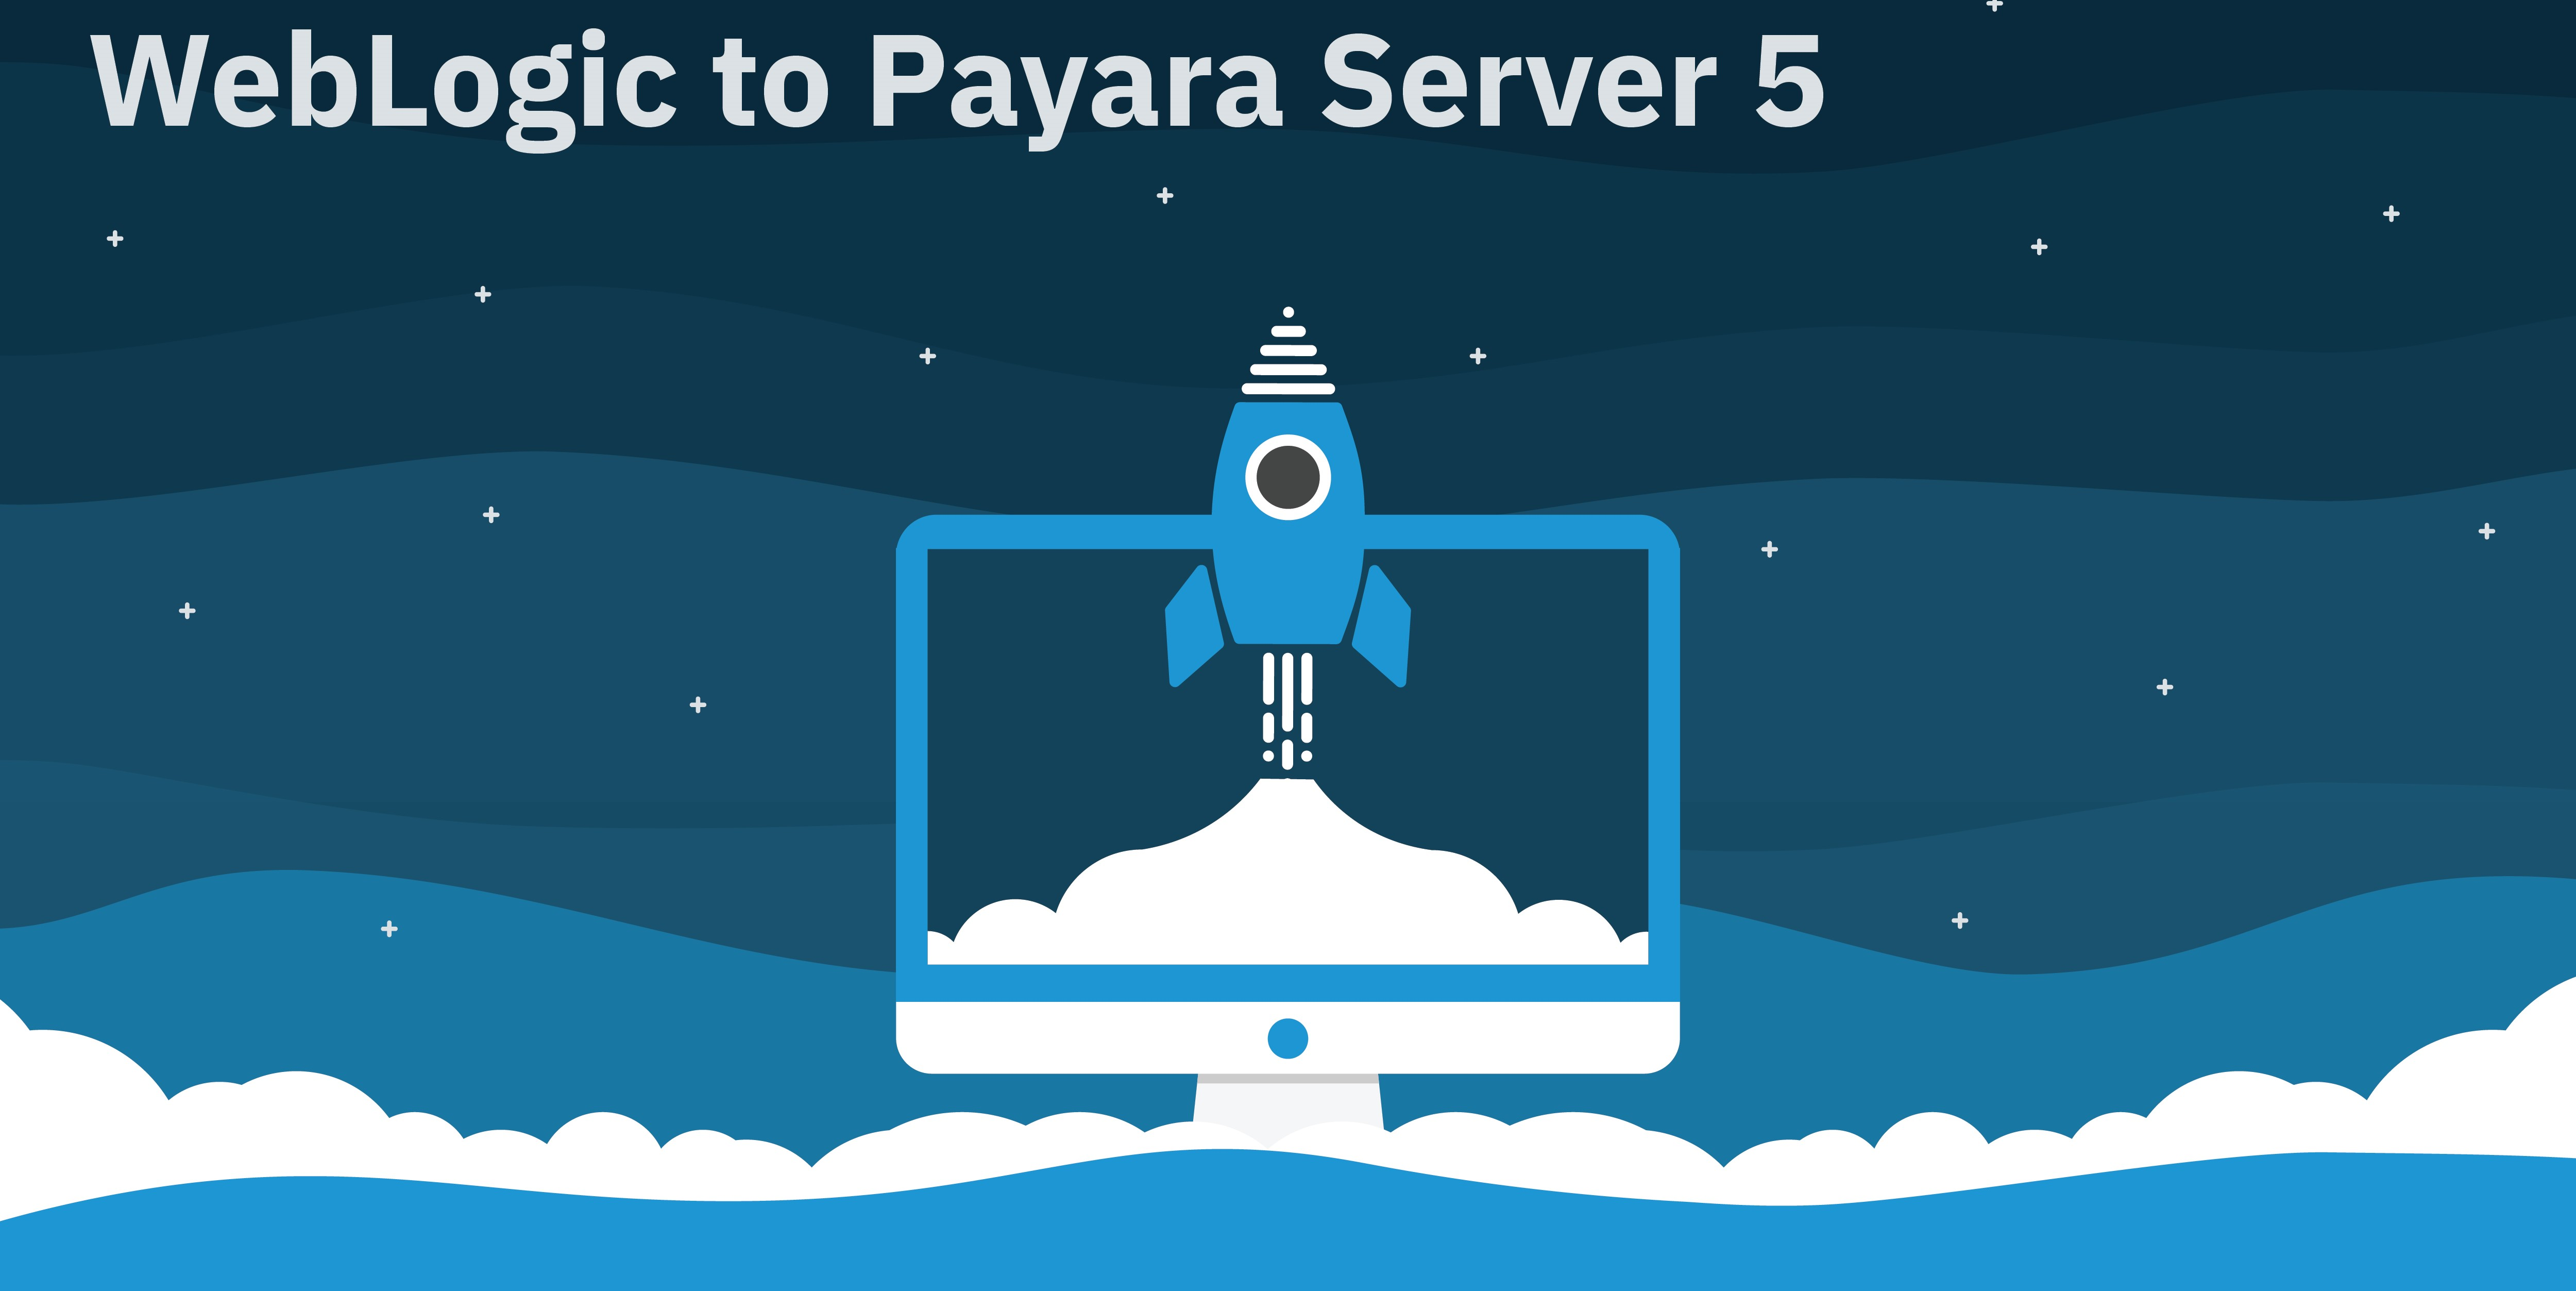 WebLogic to to Payara Server Enterprise Migration Resources